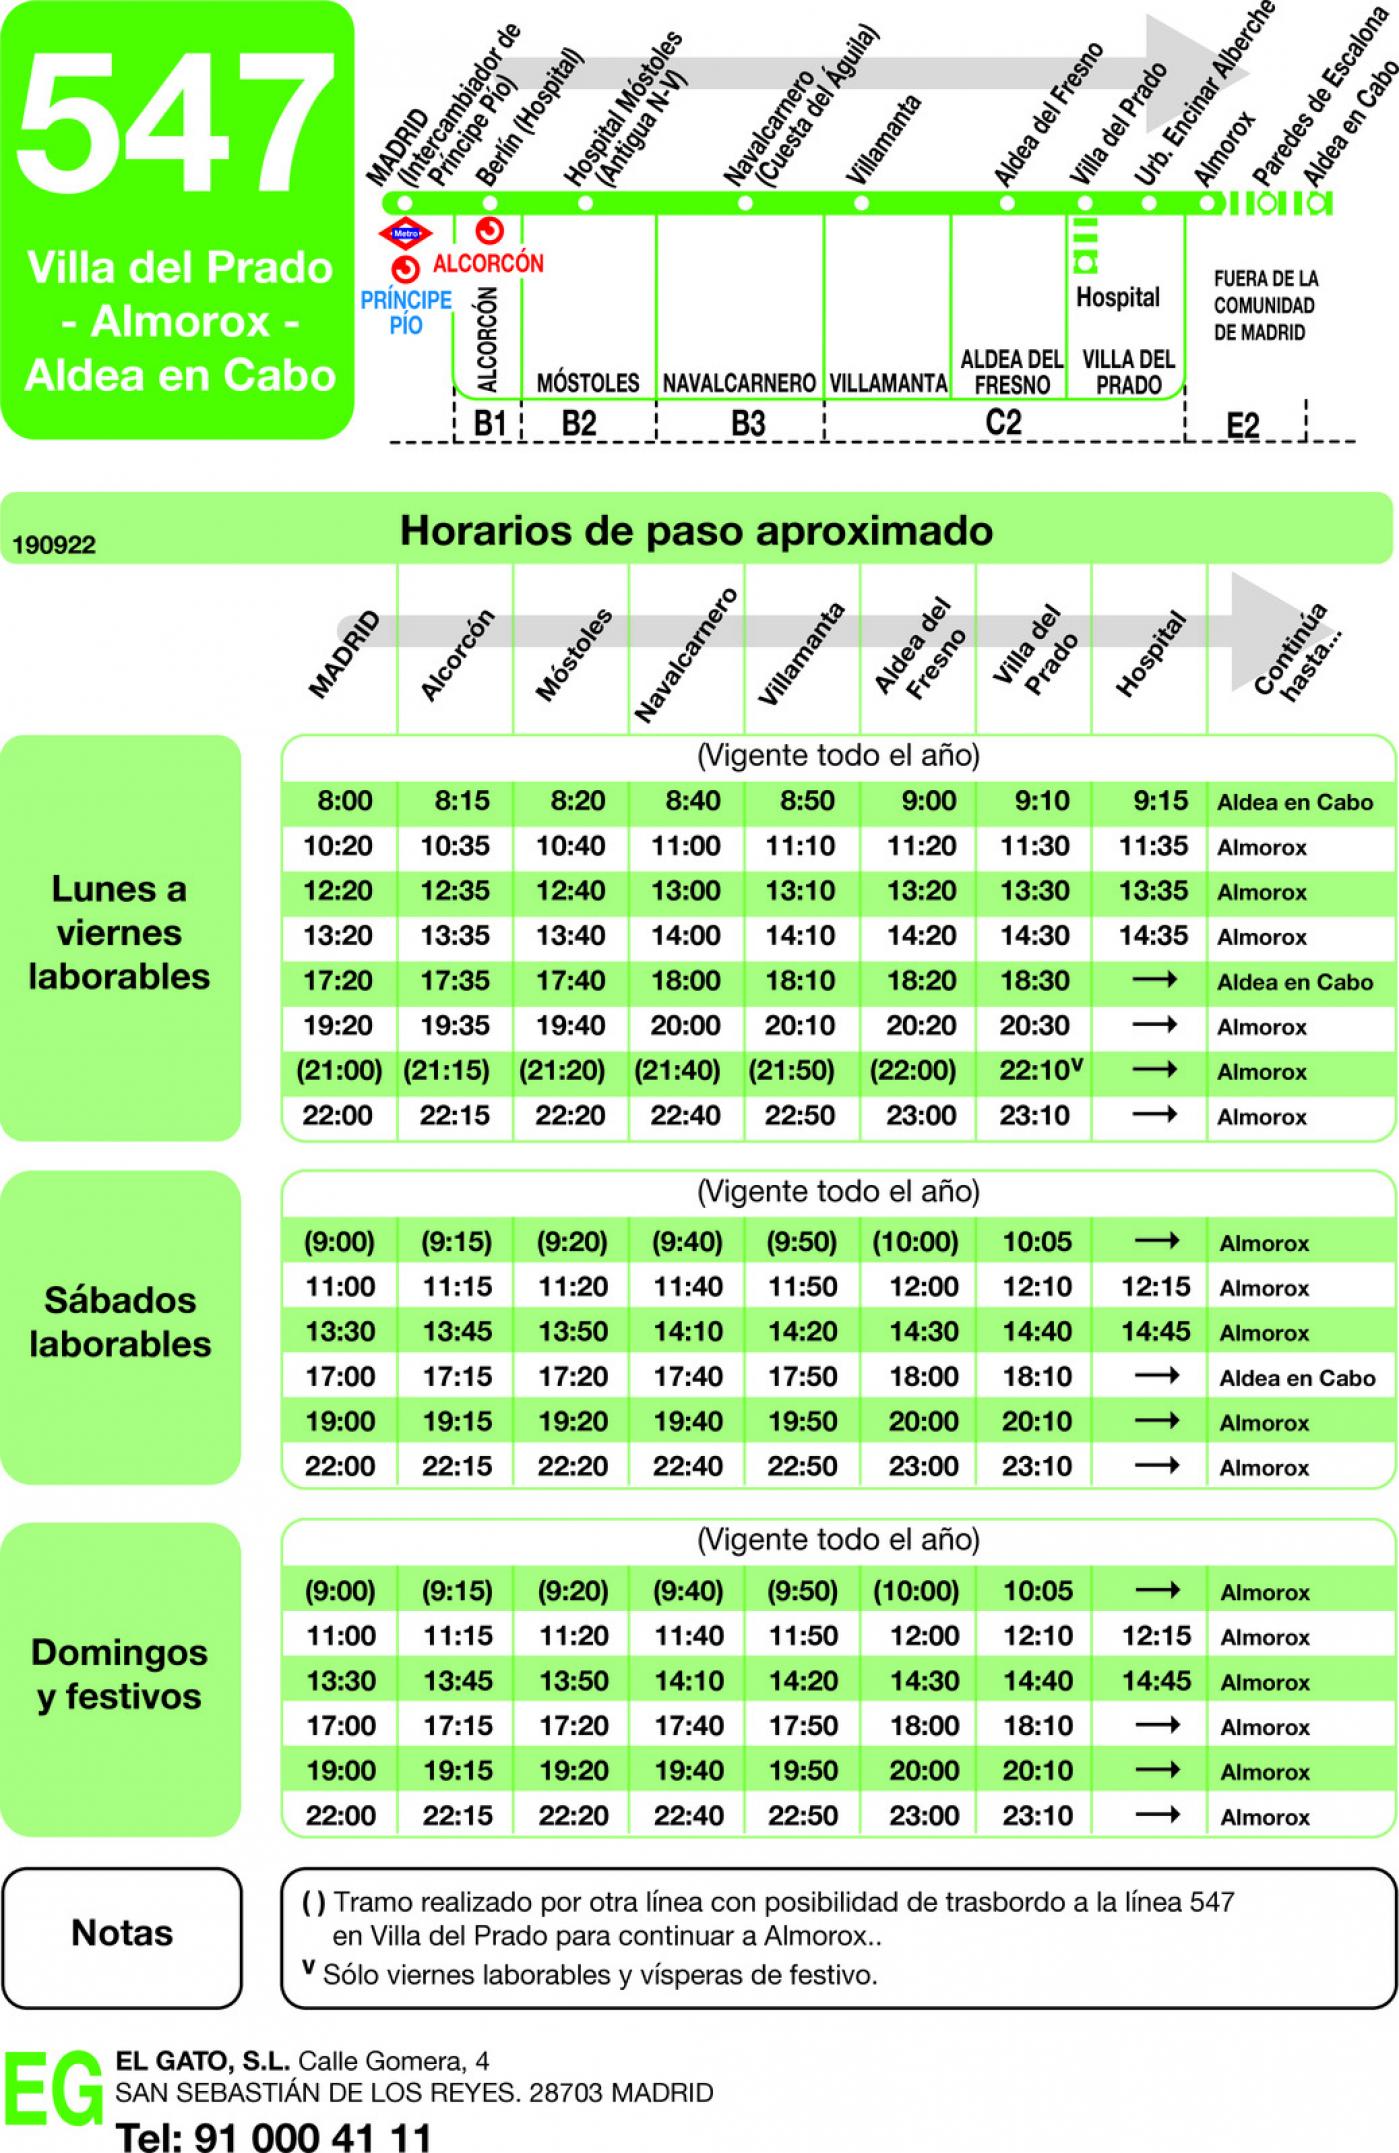 Tabla de horarios y frecuencias de paso en sentido ida Línea 547: Madrid (Principe Pío) - Villa del Prado - Almorox - Aldeaencabo